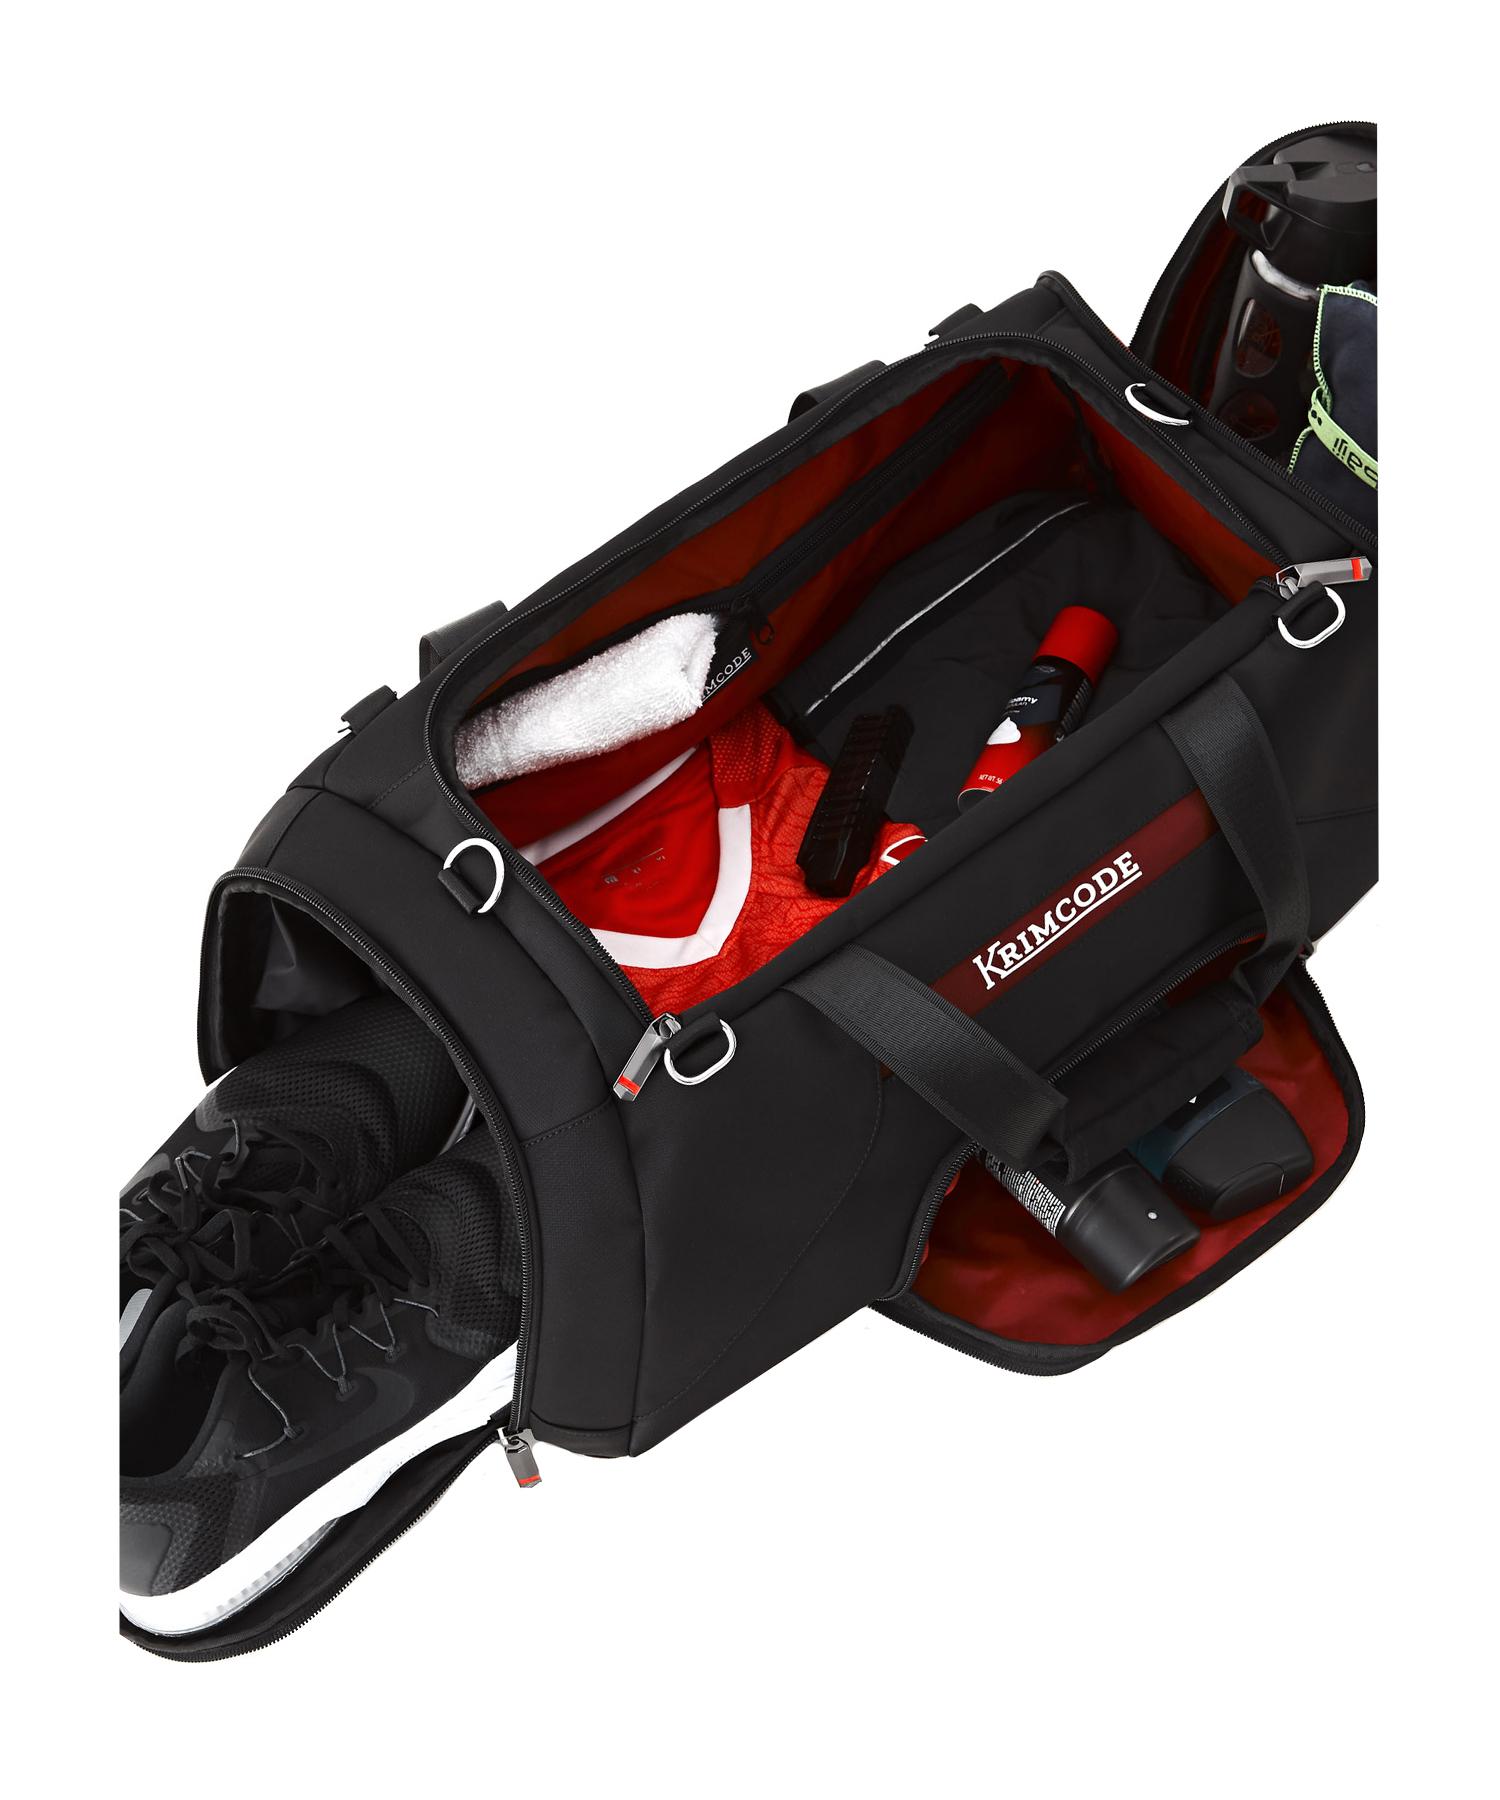 Krimcode Sport Attire Duffle Bag Packed